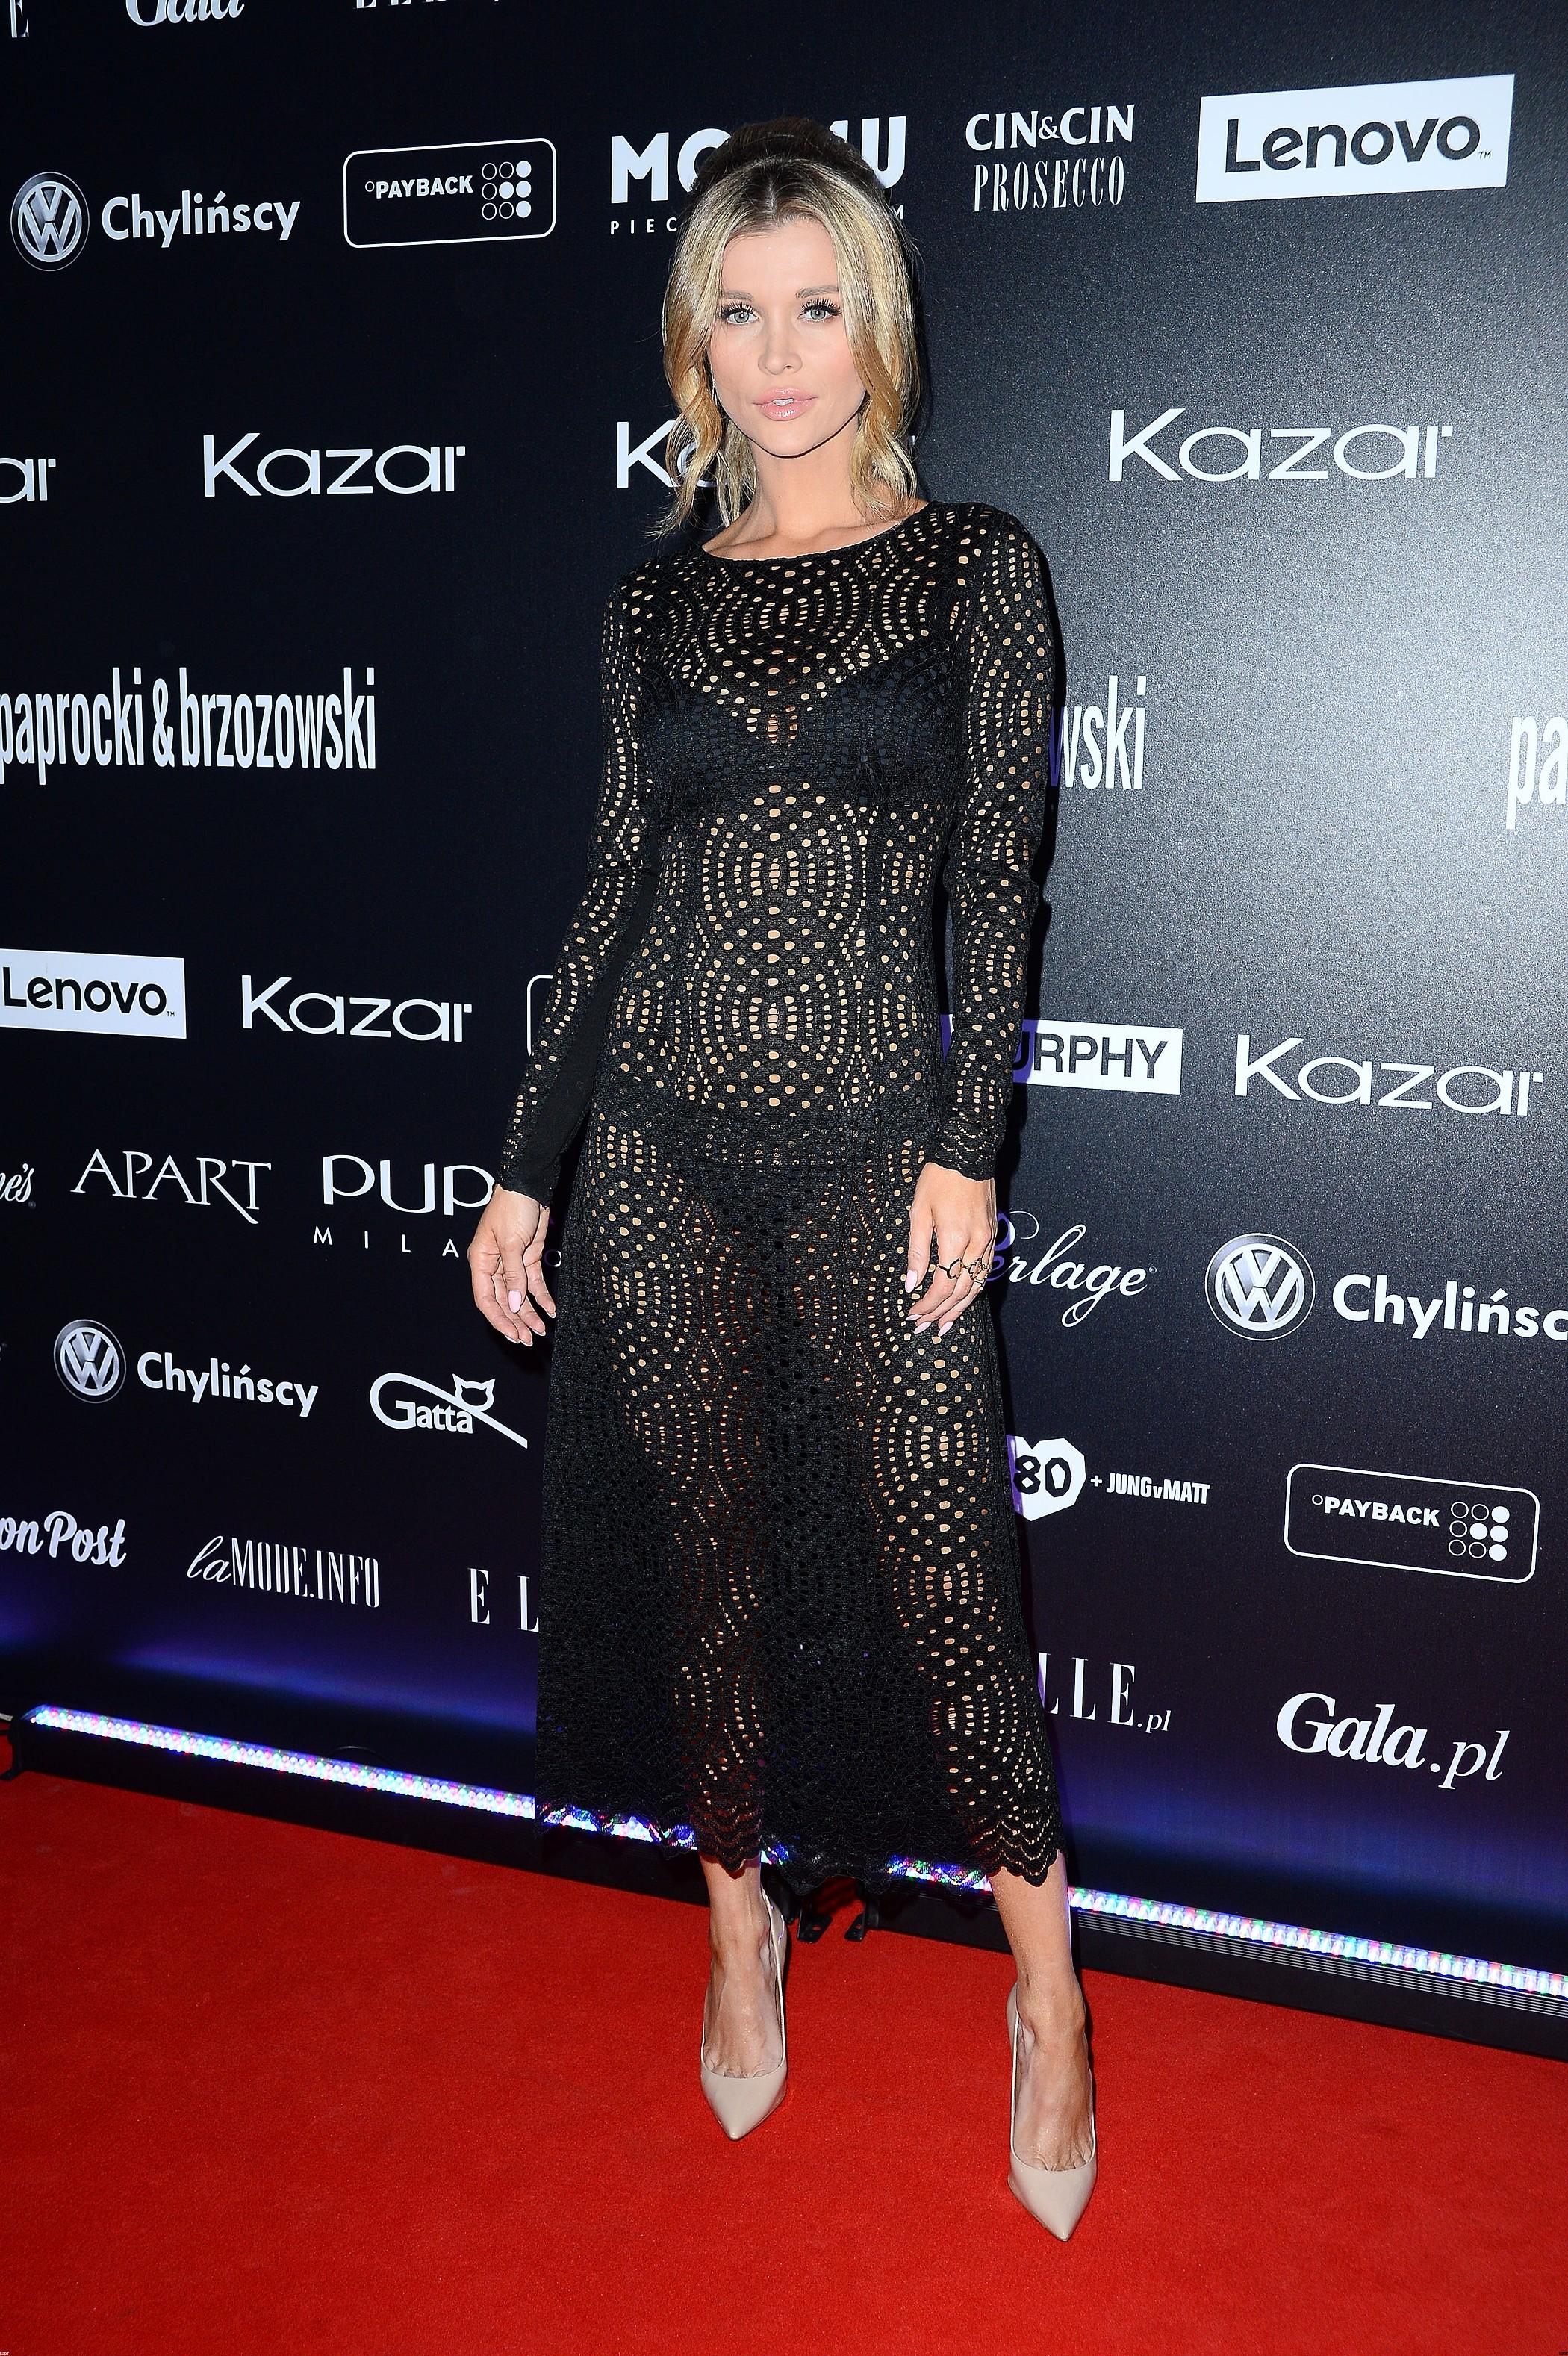 Joanna Krupa na pokazie Paprocki&Brzozowski pokazała naprawdę dużo!